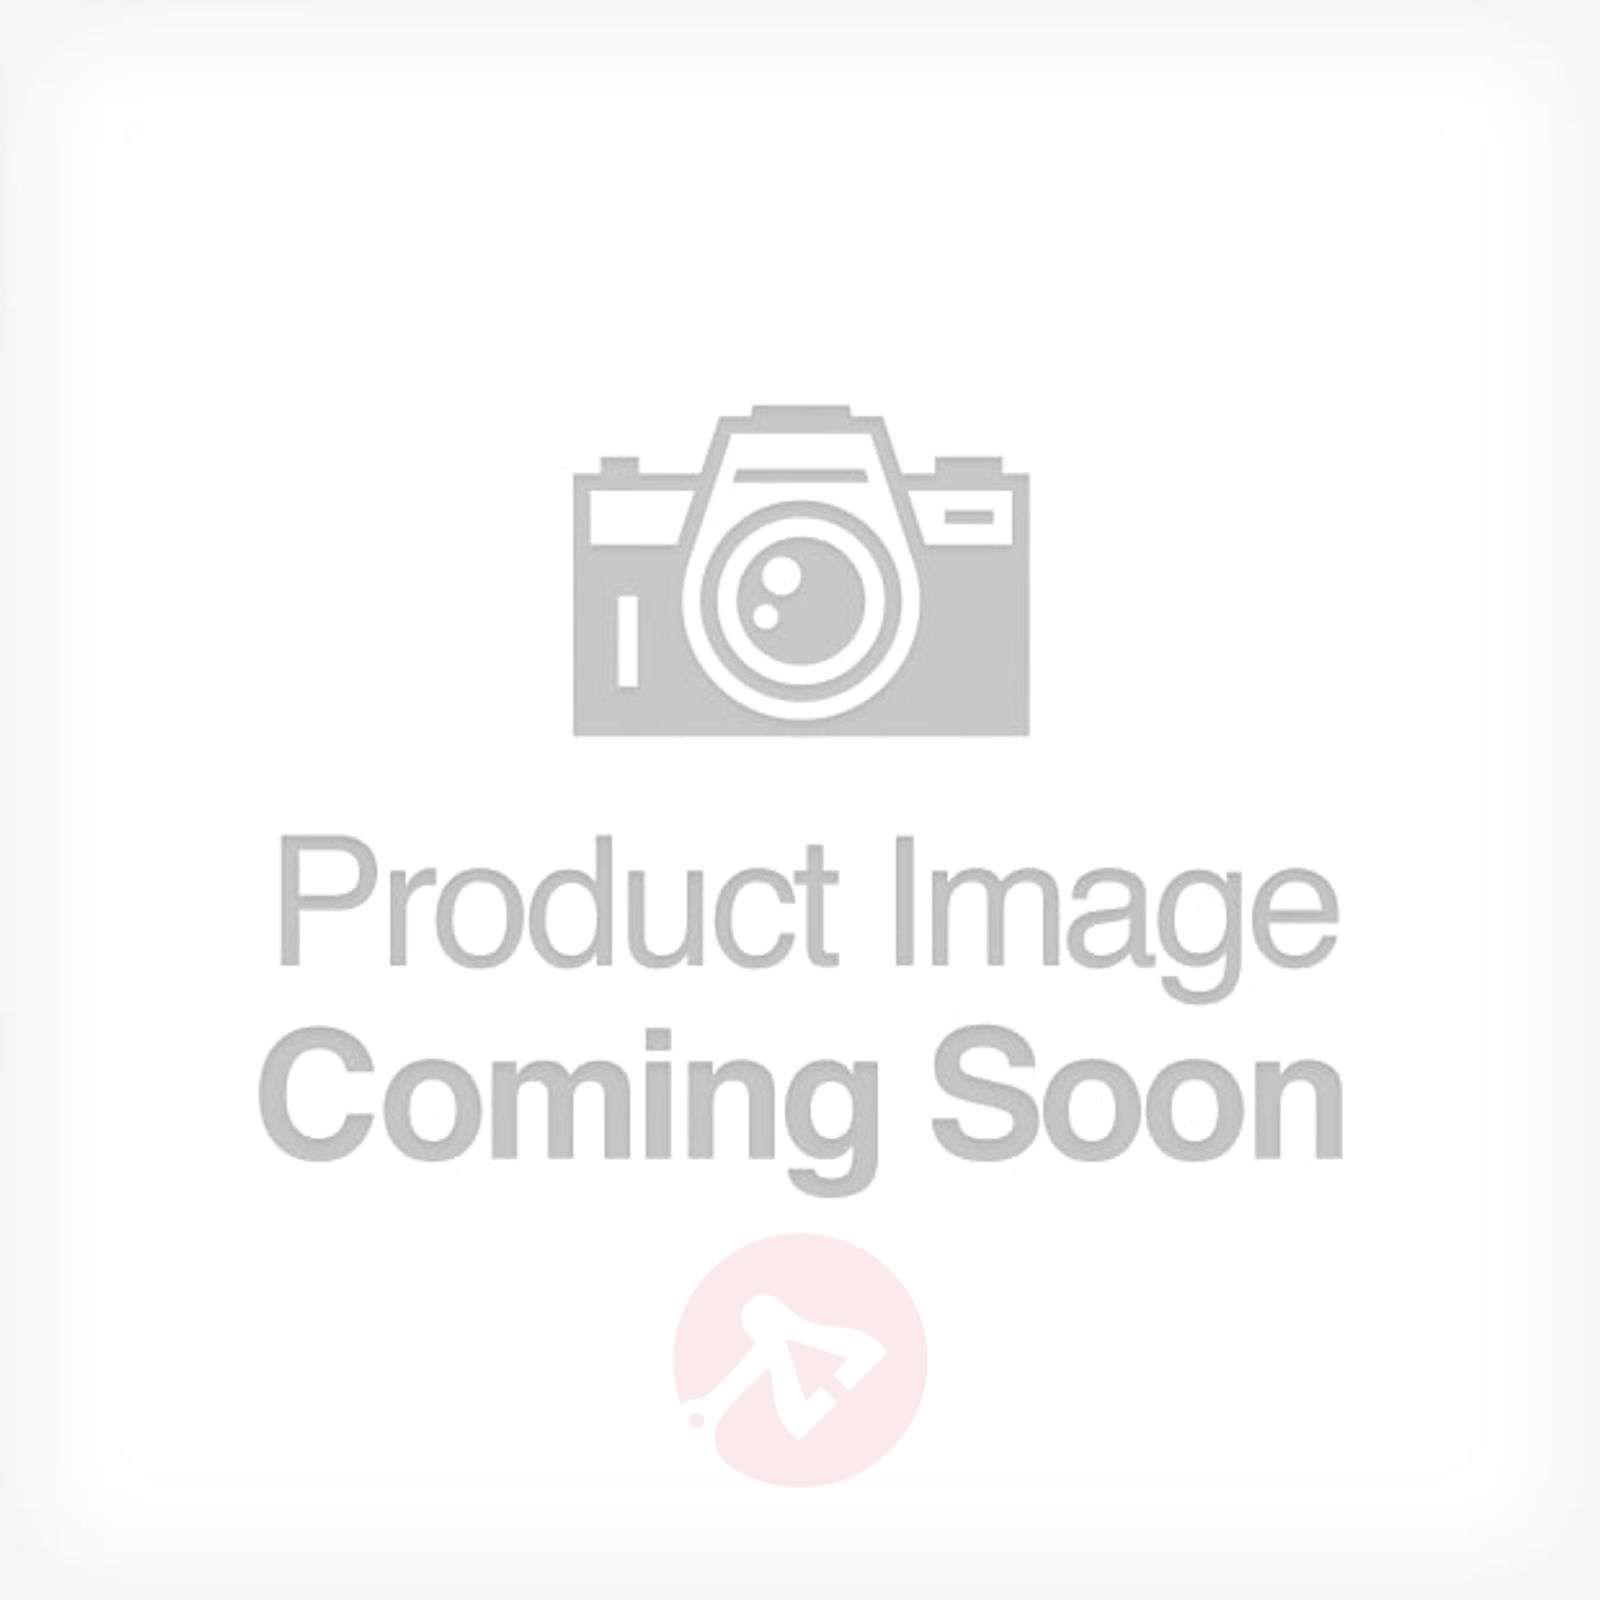 Philips Hue Buckram WhiteAmbiance LED-kohdevalo-7532050X-01